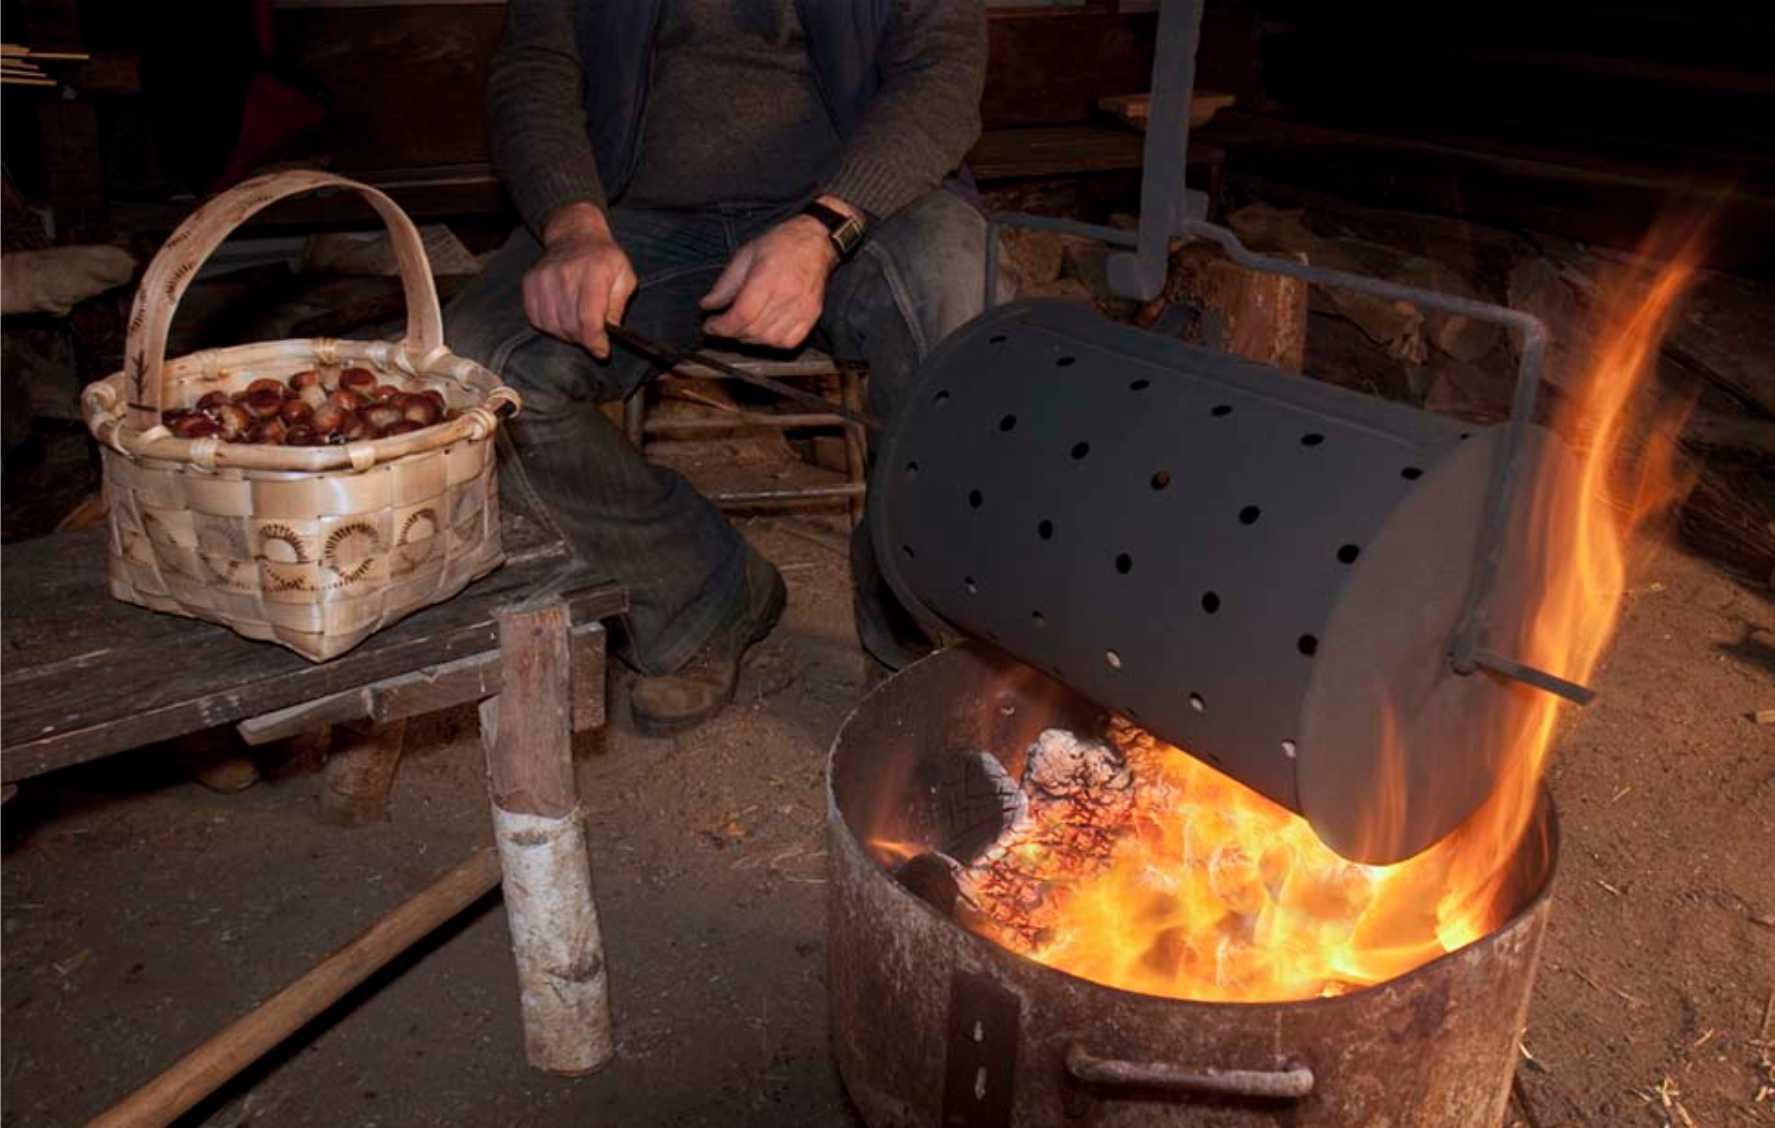 asando castañas para un magosto